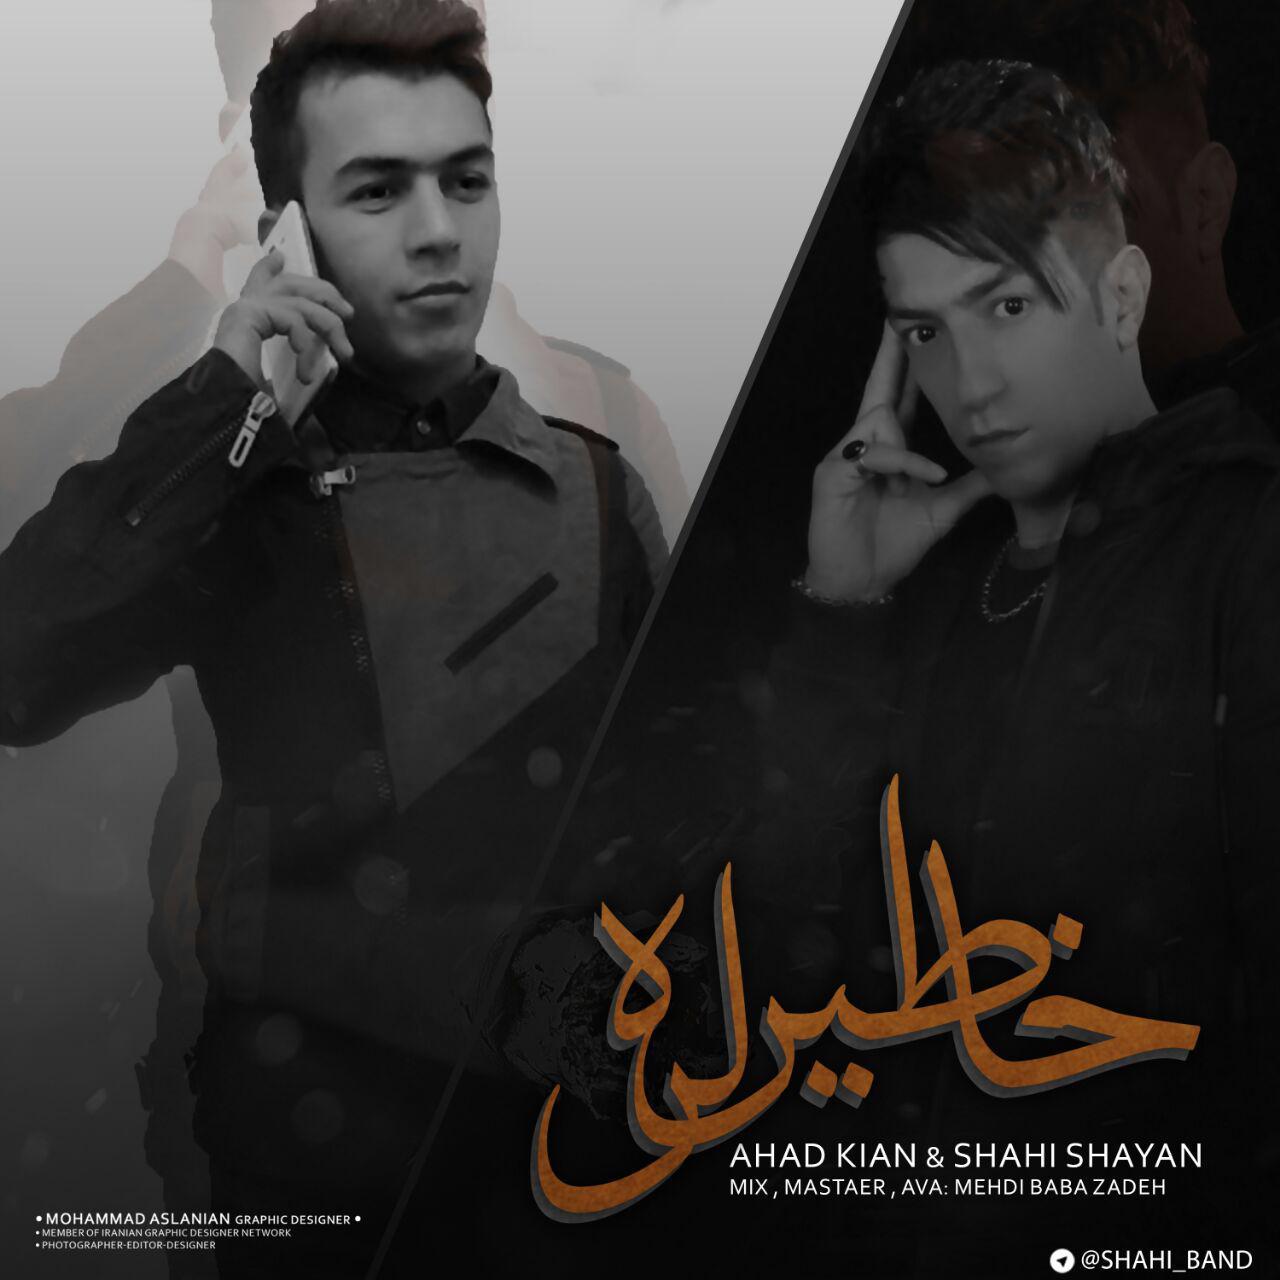 http://s8.picofile.com/file/8314838500/09Ahad_Kian_Shahi_Shayan_Khatiralar.jpg